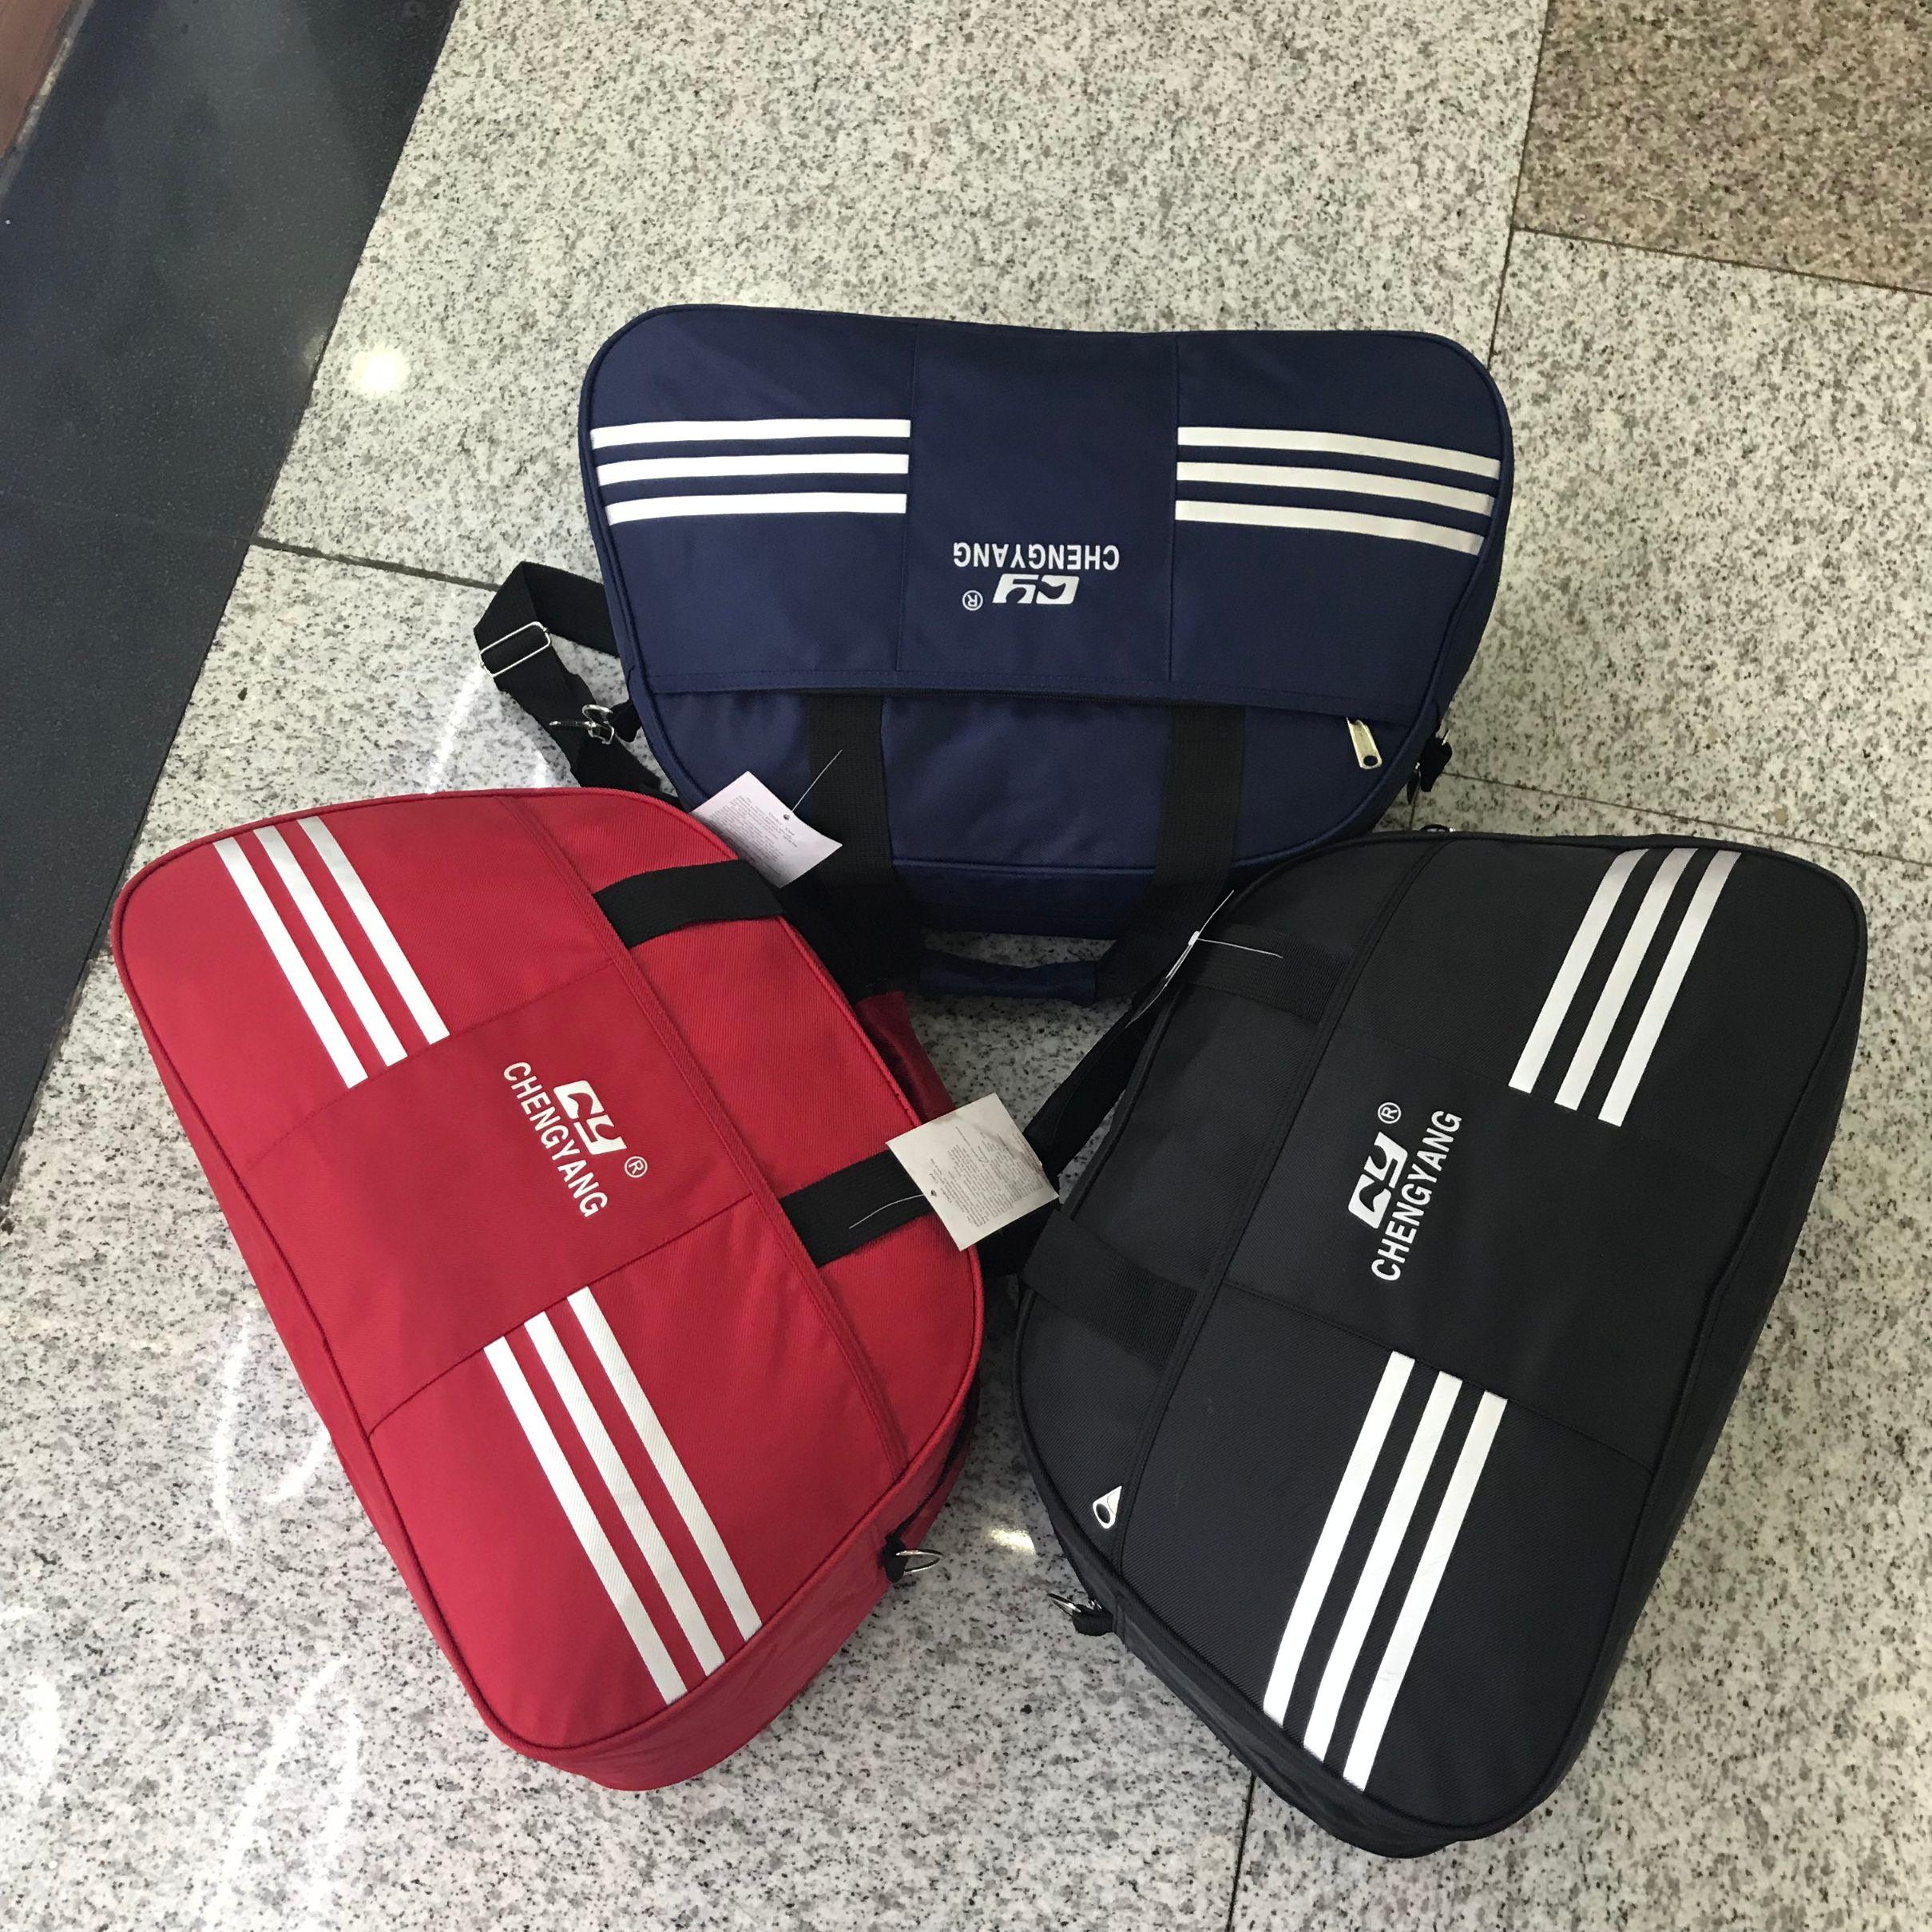 义乌好货 手提旅行包出差行李包单肩防水旅行袋男女短途旅游包